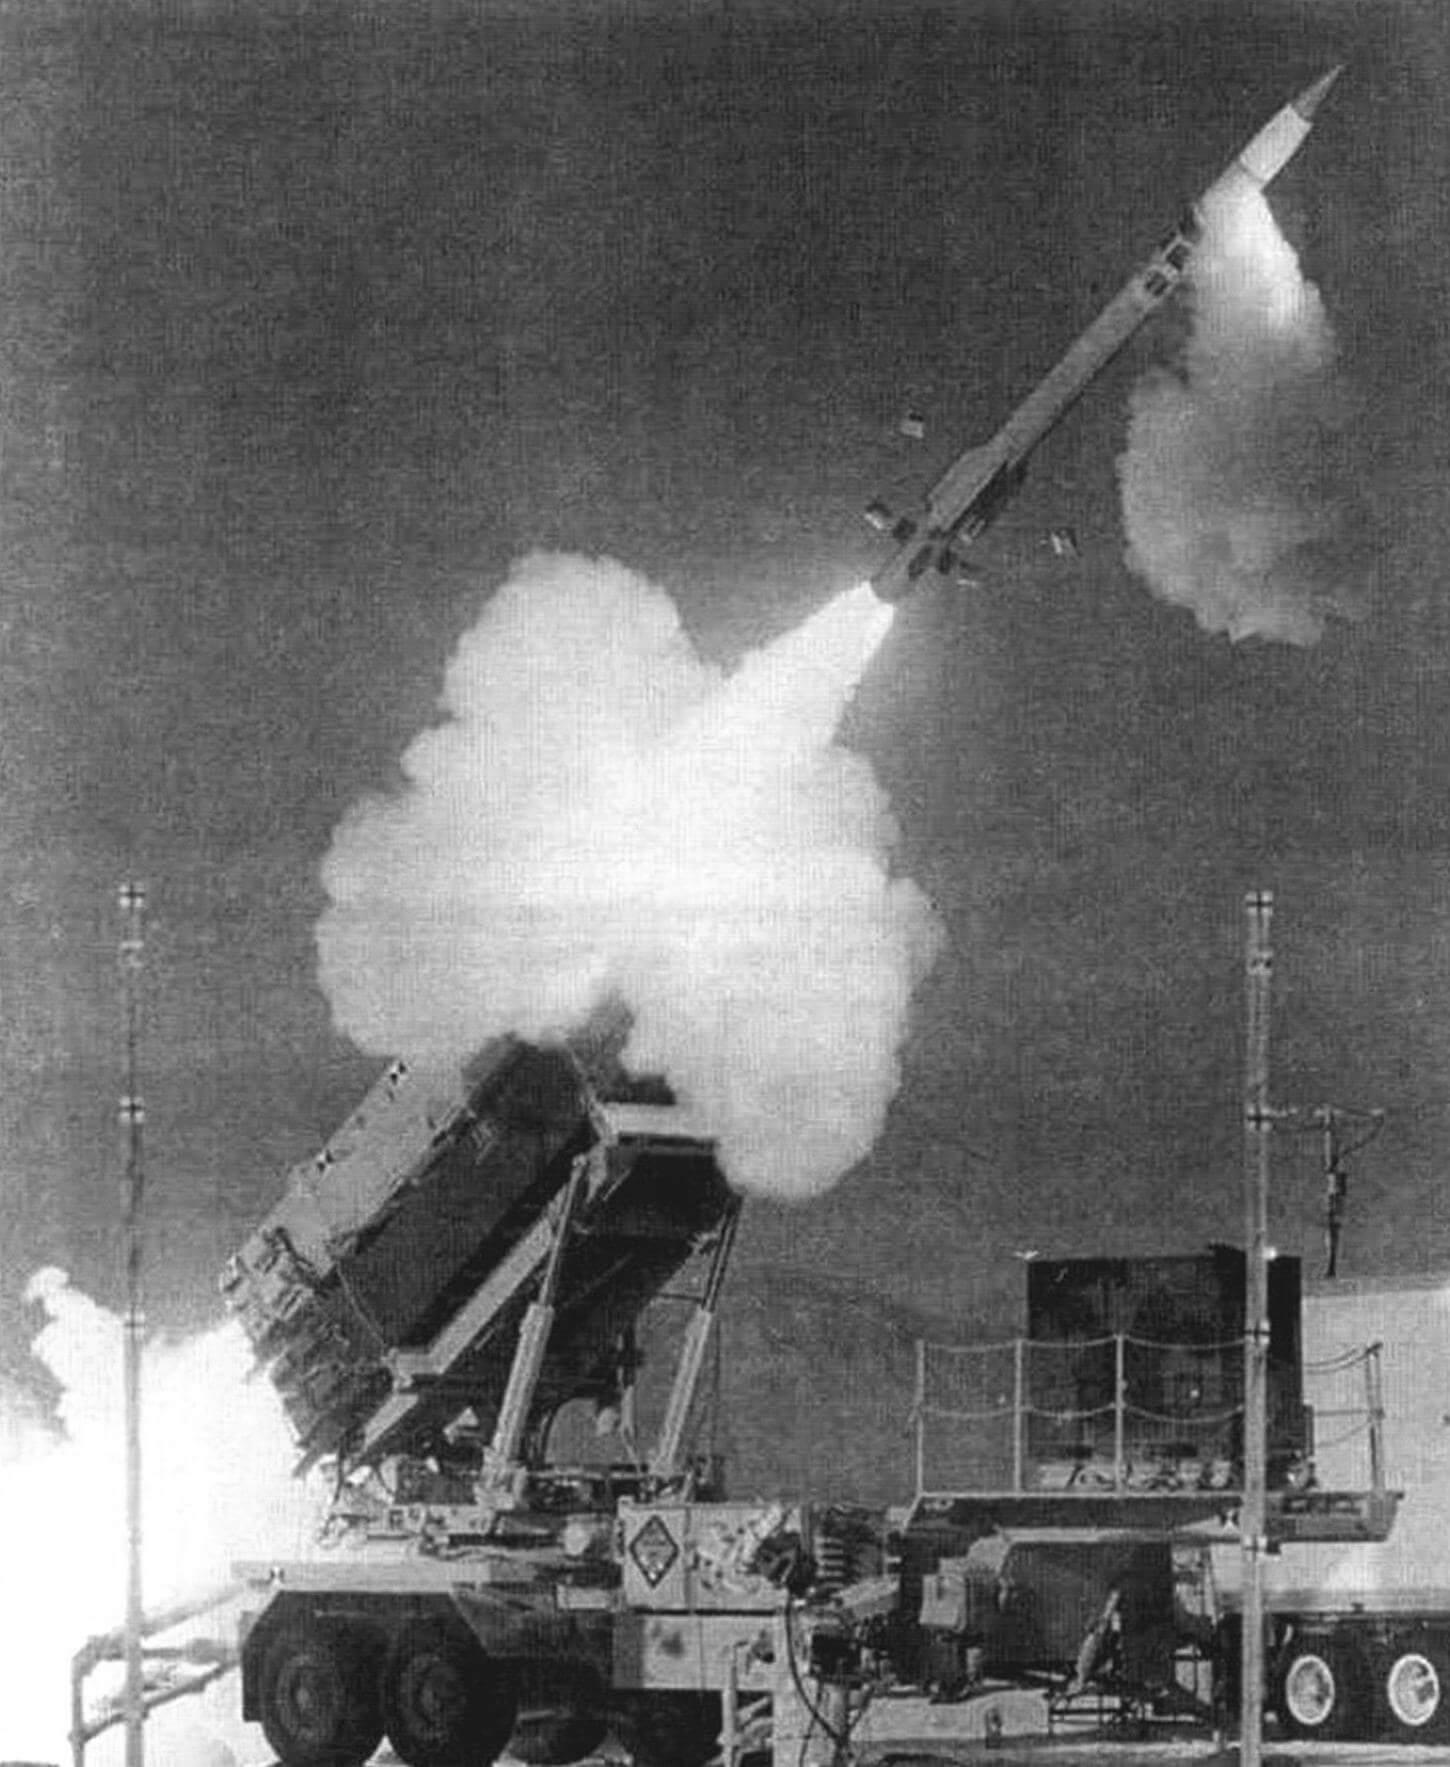 Старт ракеты MIM-104F (РАС-3). Видно, как сработал микродвигатель системы управления